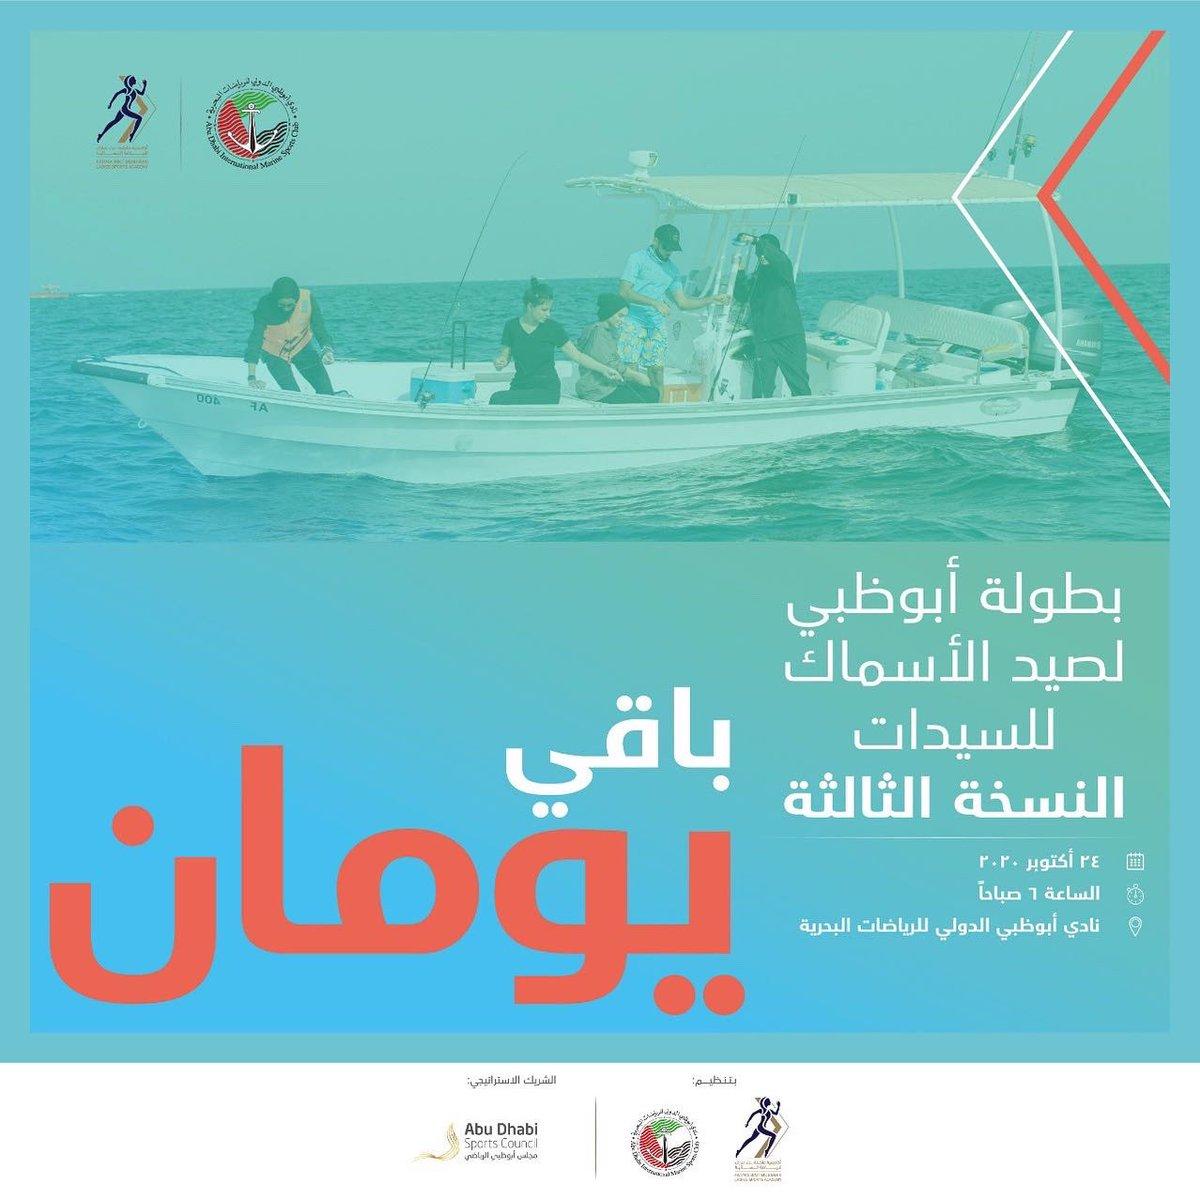 يفصلنا يومان عن بطولة أبوظبي لصيد الأسماك للسيدات- النسخة الثالثة. هل أنتم مستعدون؟  2 days separate us from the 3rd Abu Dhabi Ladies #Fishing Championship. Are you ready?  #MovingForward #UAESports #FBMA #AbuDhabi #InAbuDhabi #ADFBMA  #نمضي_قدماً #صيد #سمك #رياضة #أبوظبي https://t.co/KqCbNdXONt